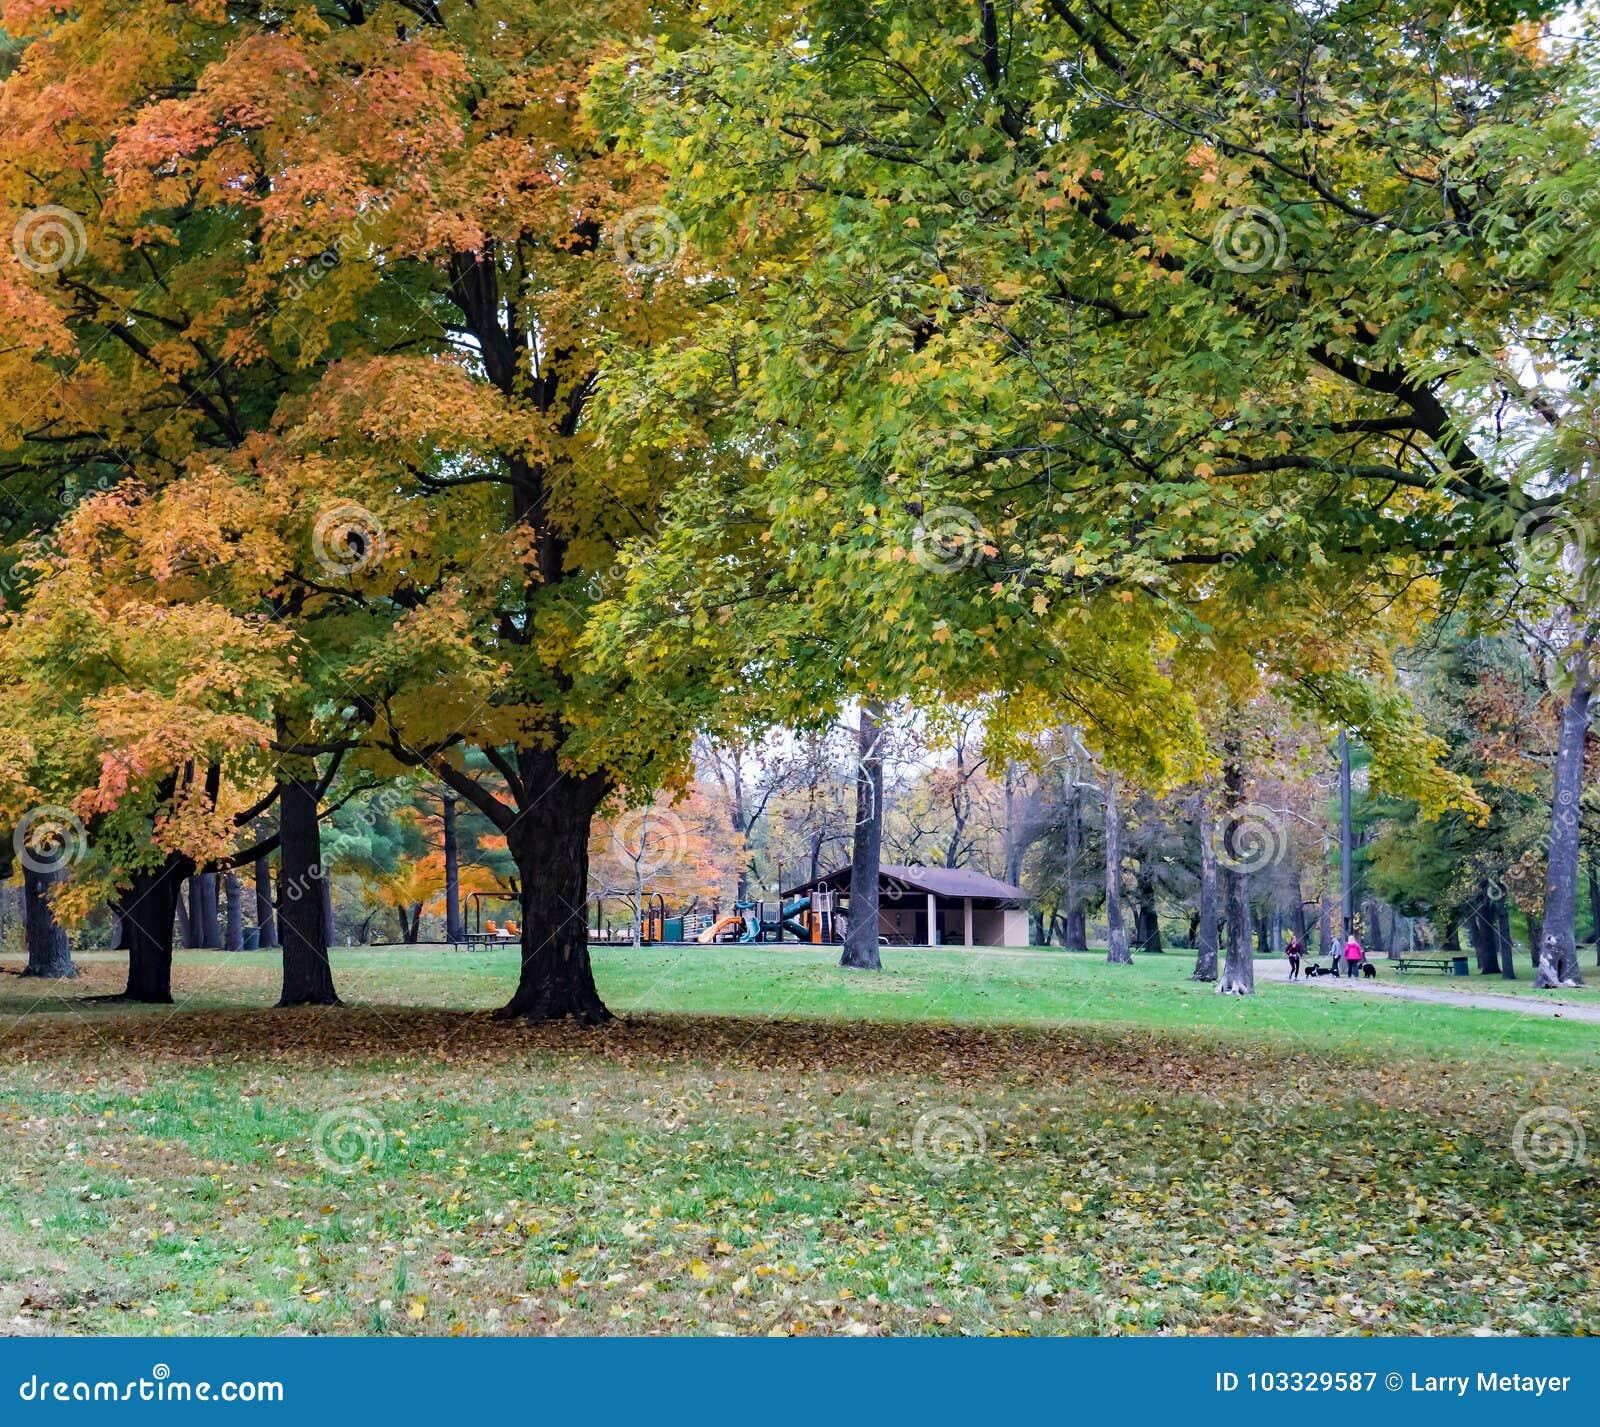 史密斯公园,罗阿诺克,弗吉尼亚,美国秋天视图